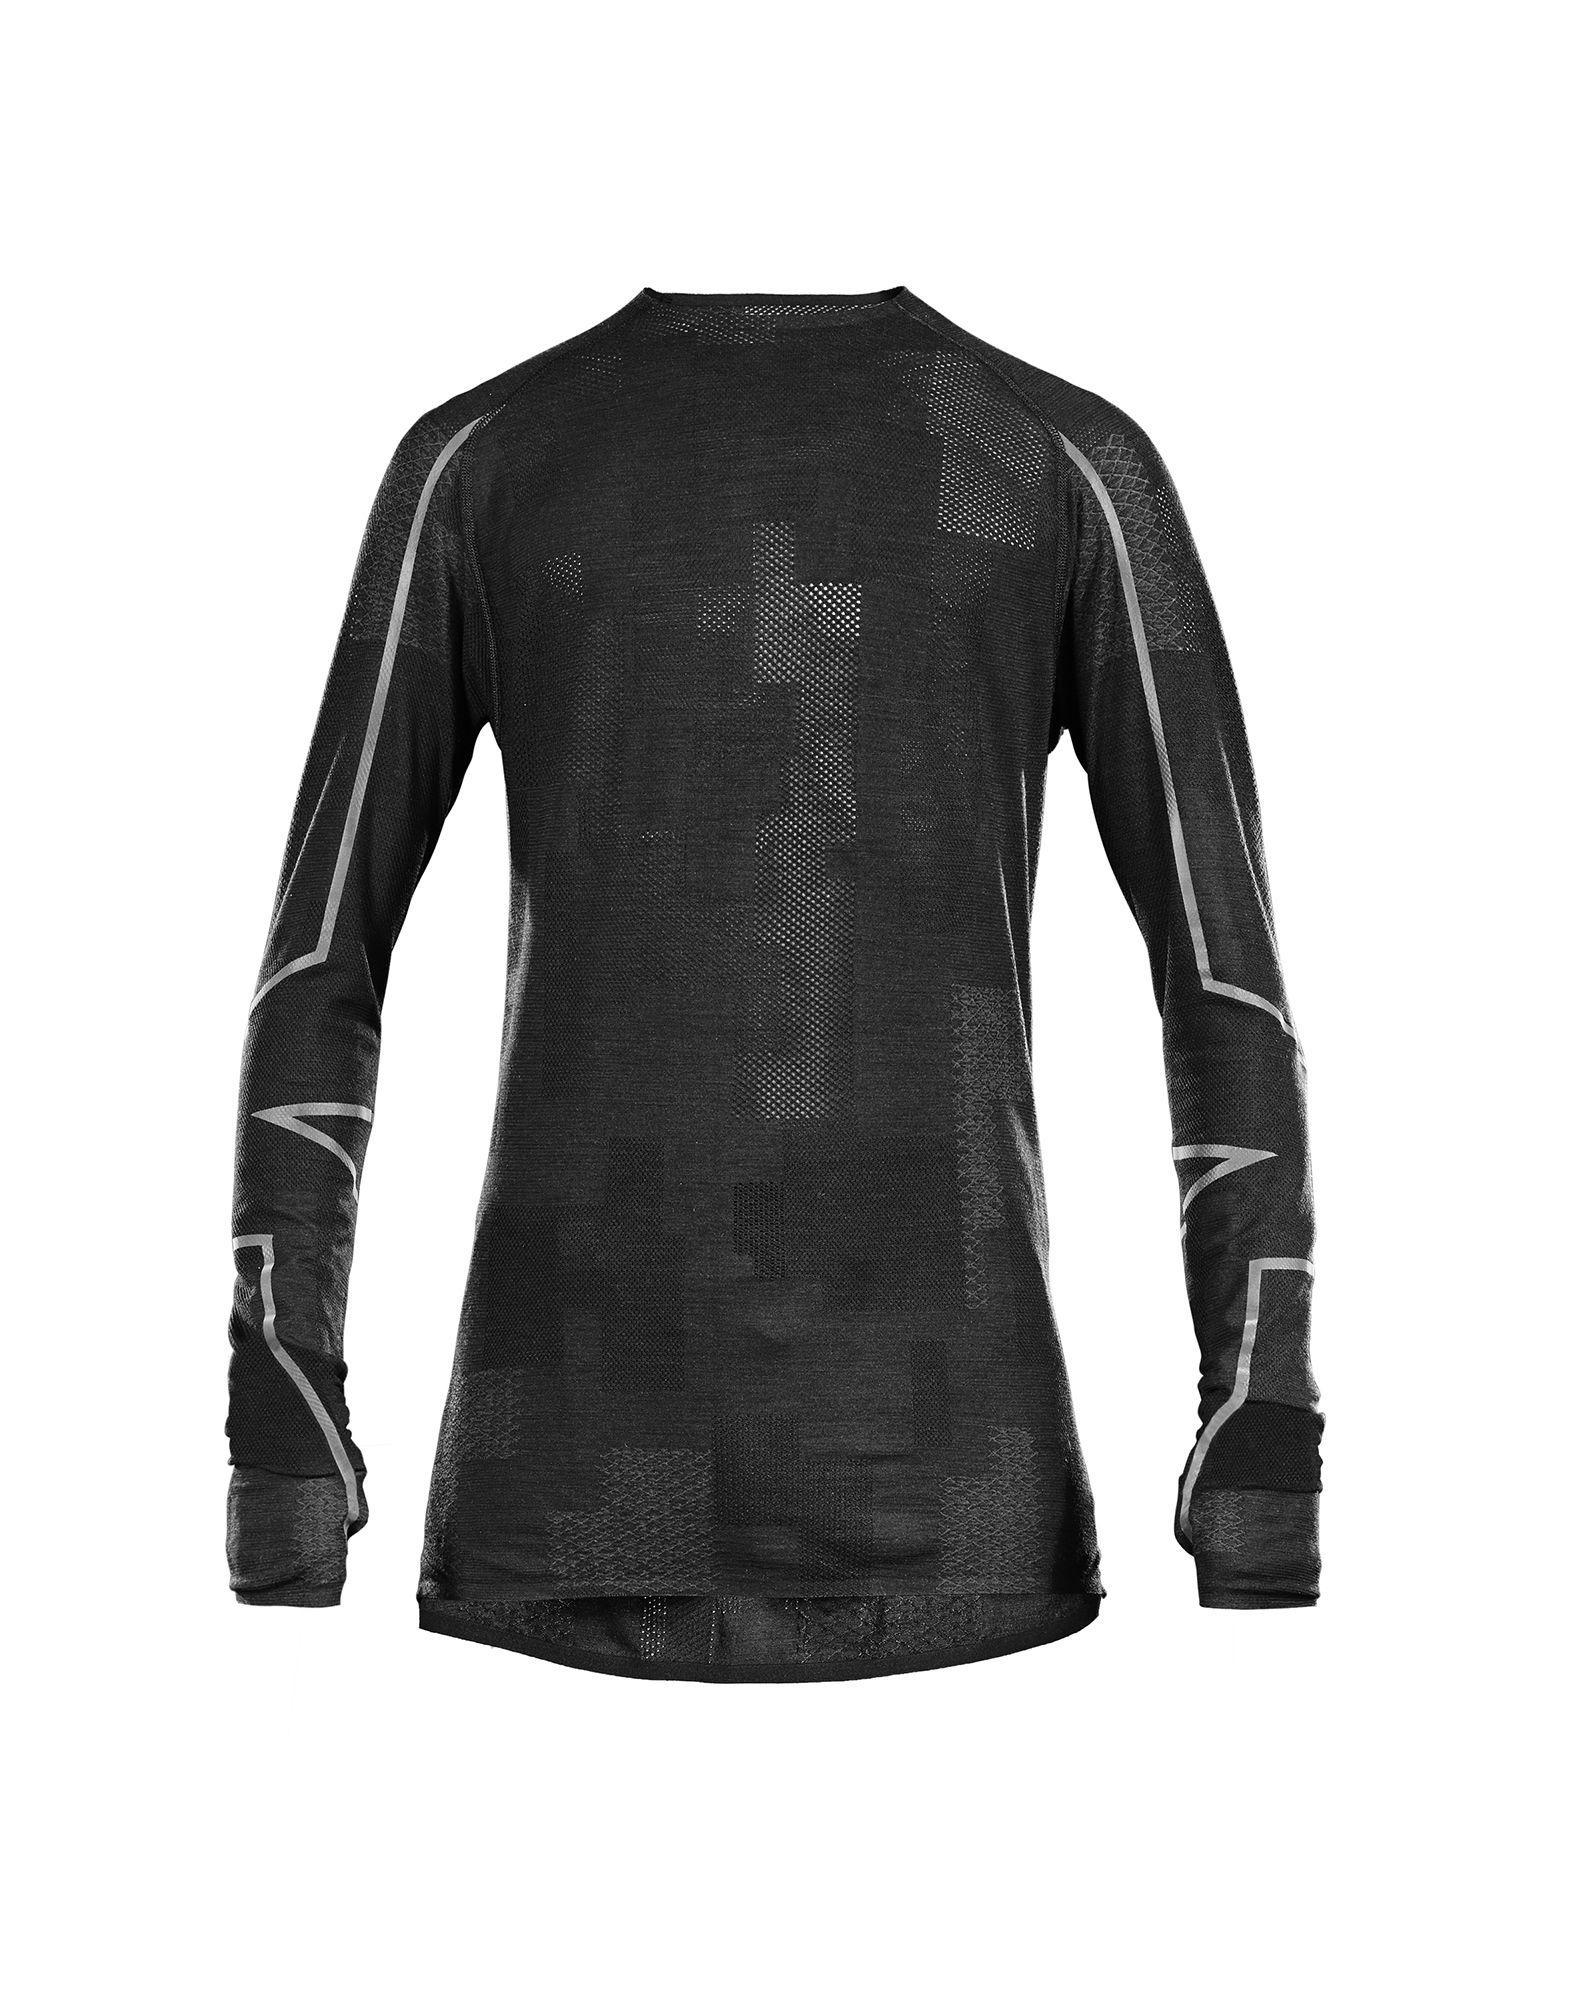 Black t shirt sports - Y 3 Sport Merino Ls T Shirt Tees Polos Man Y 3